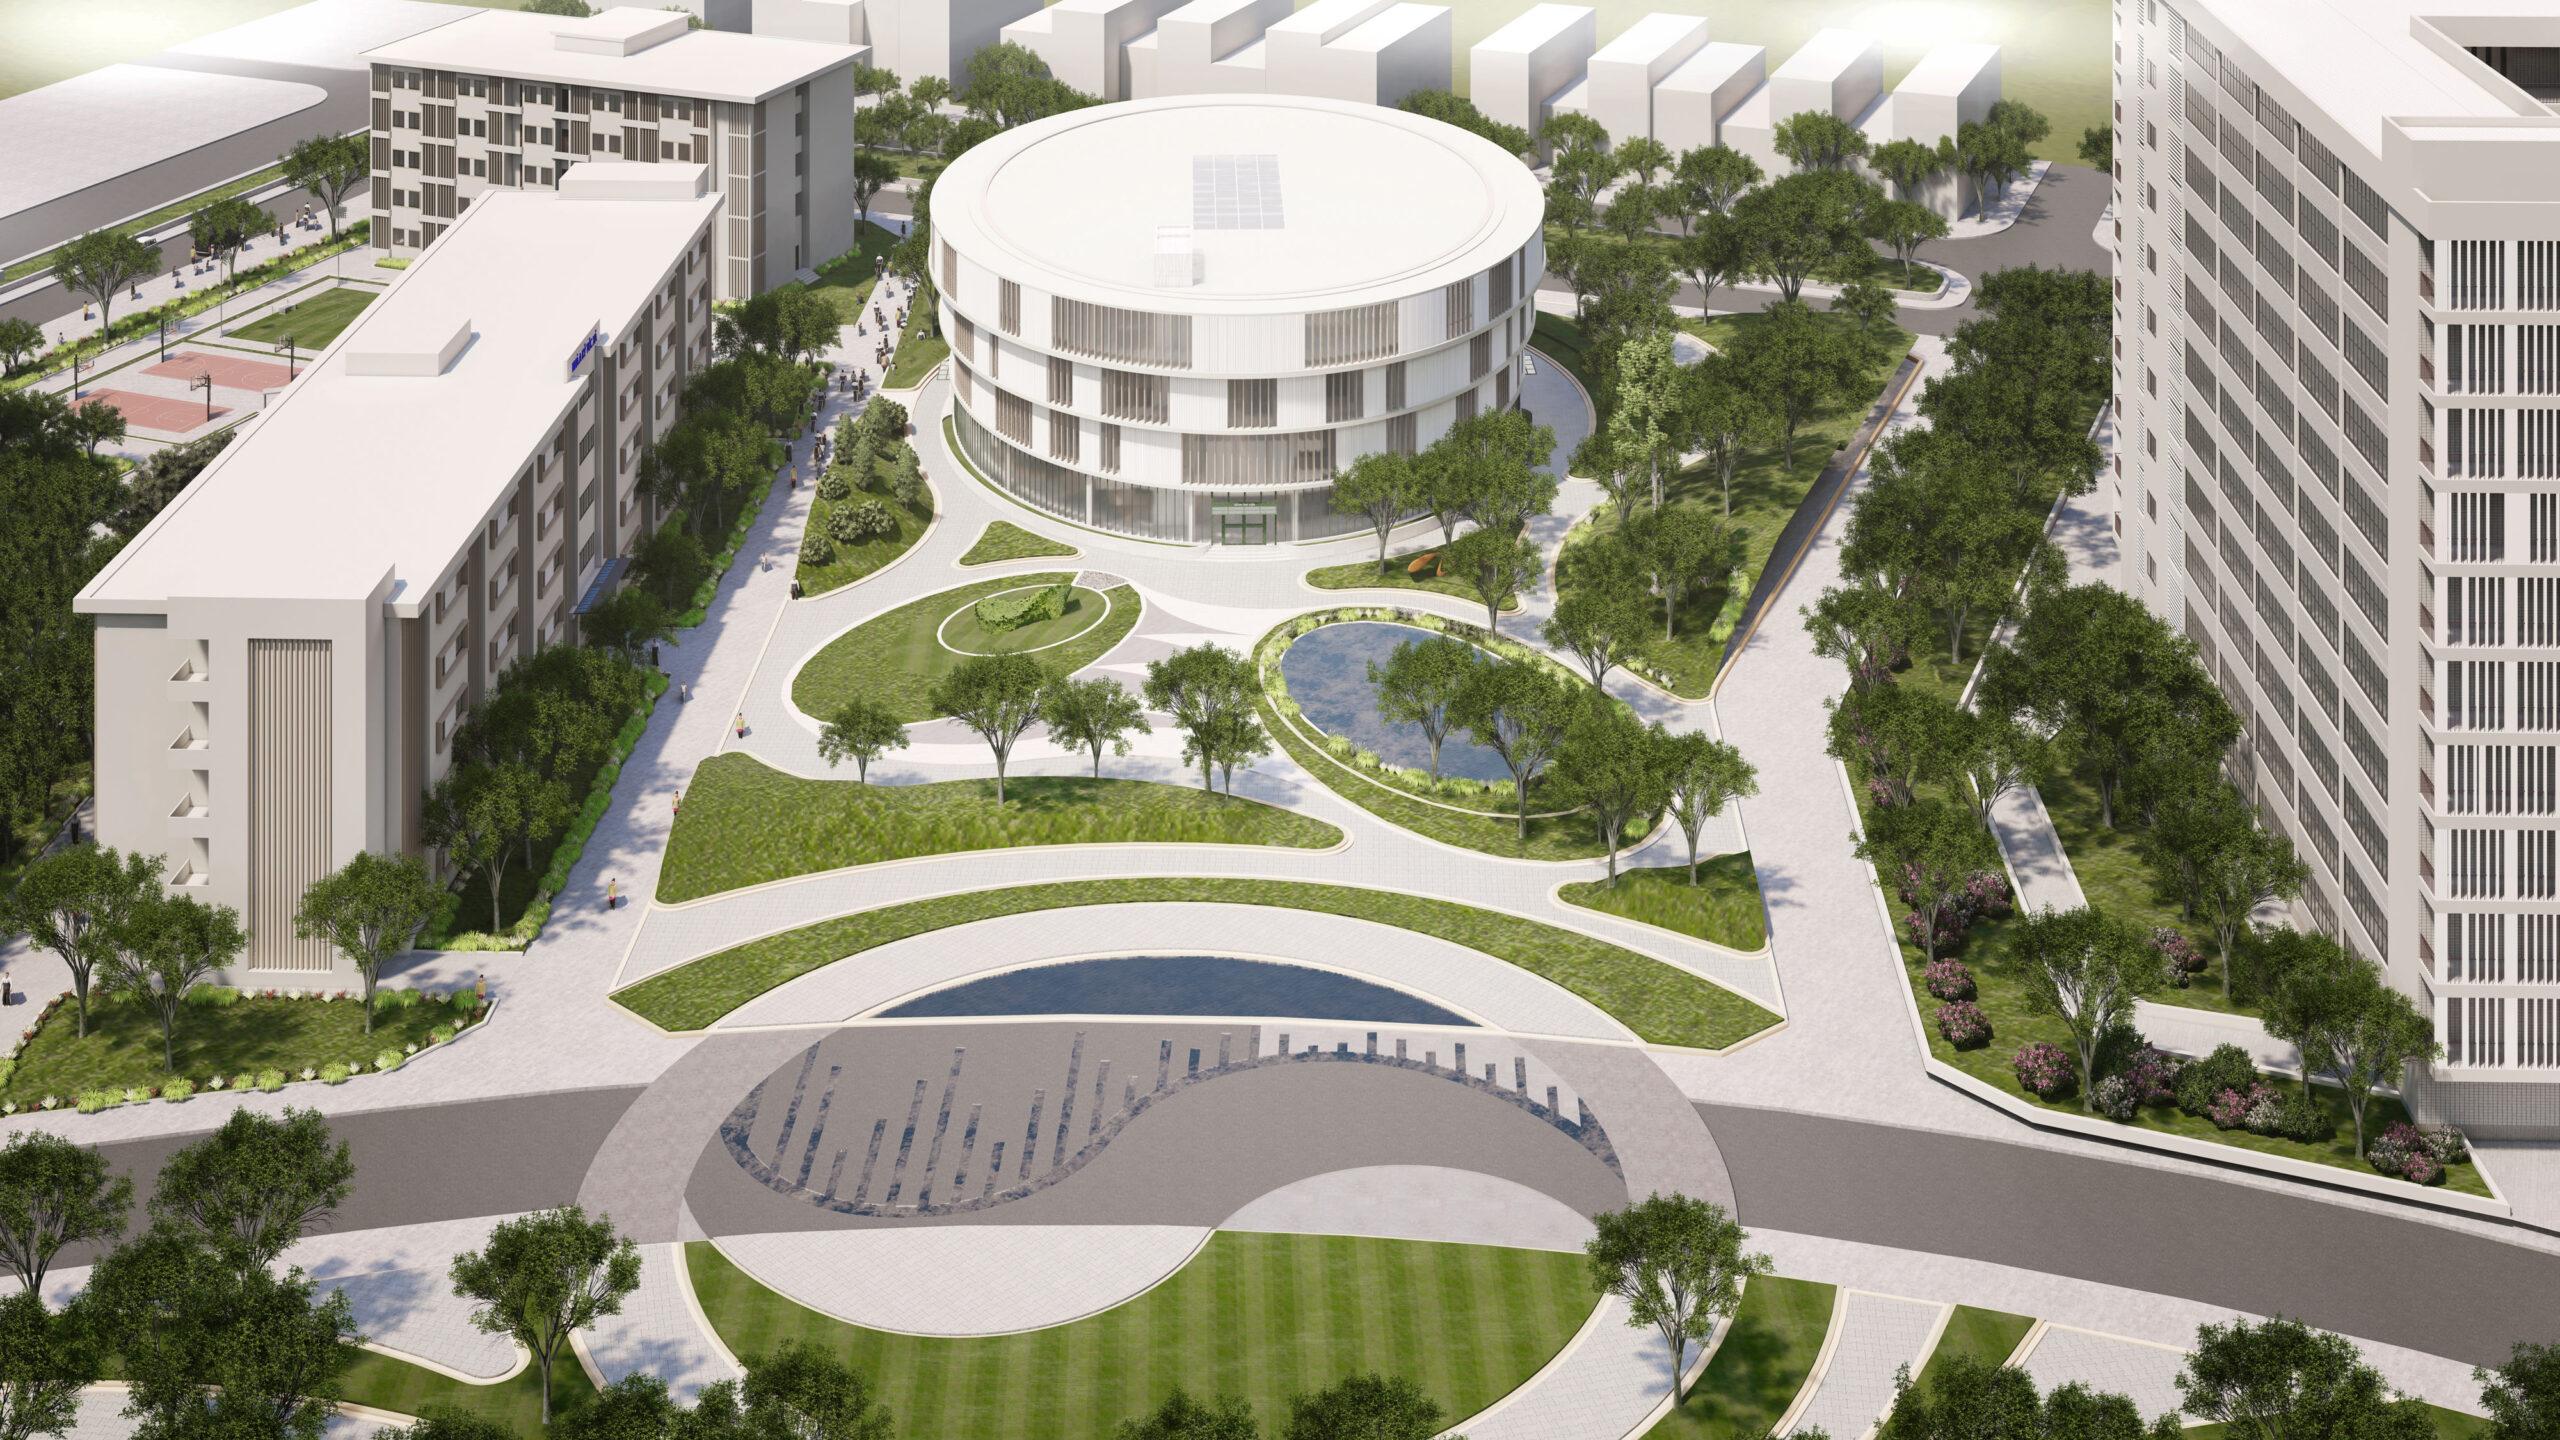 Khối Thư viện và Nhà ăn dự án Đầu tư Xây dựng tăng cường cơ sở vật chất trường Đại học Tài nguyên và Môi trường Hà Nội tại Băc Ninh